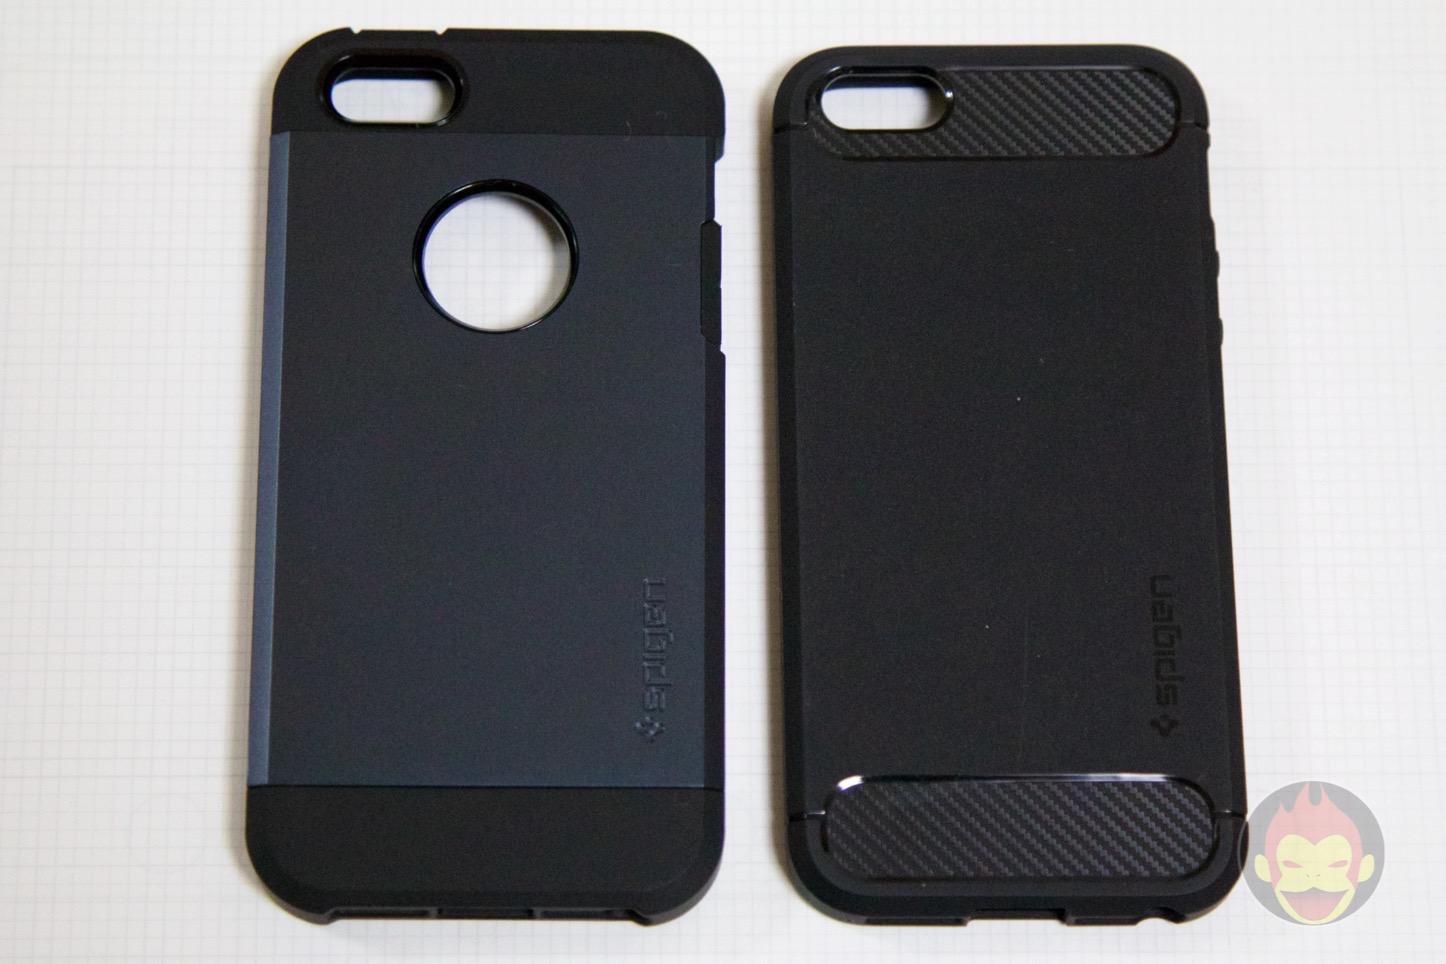 Spigen-Tough-Armor-iPhone-SE-Case-03.jpg